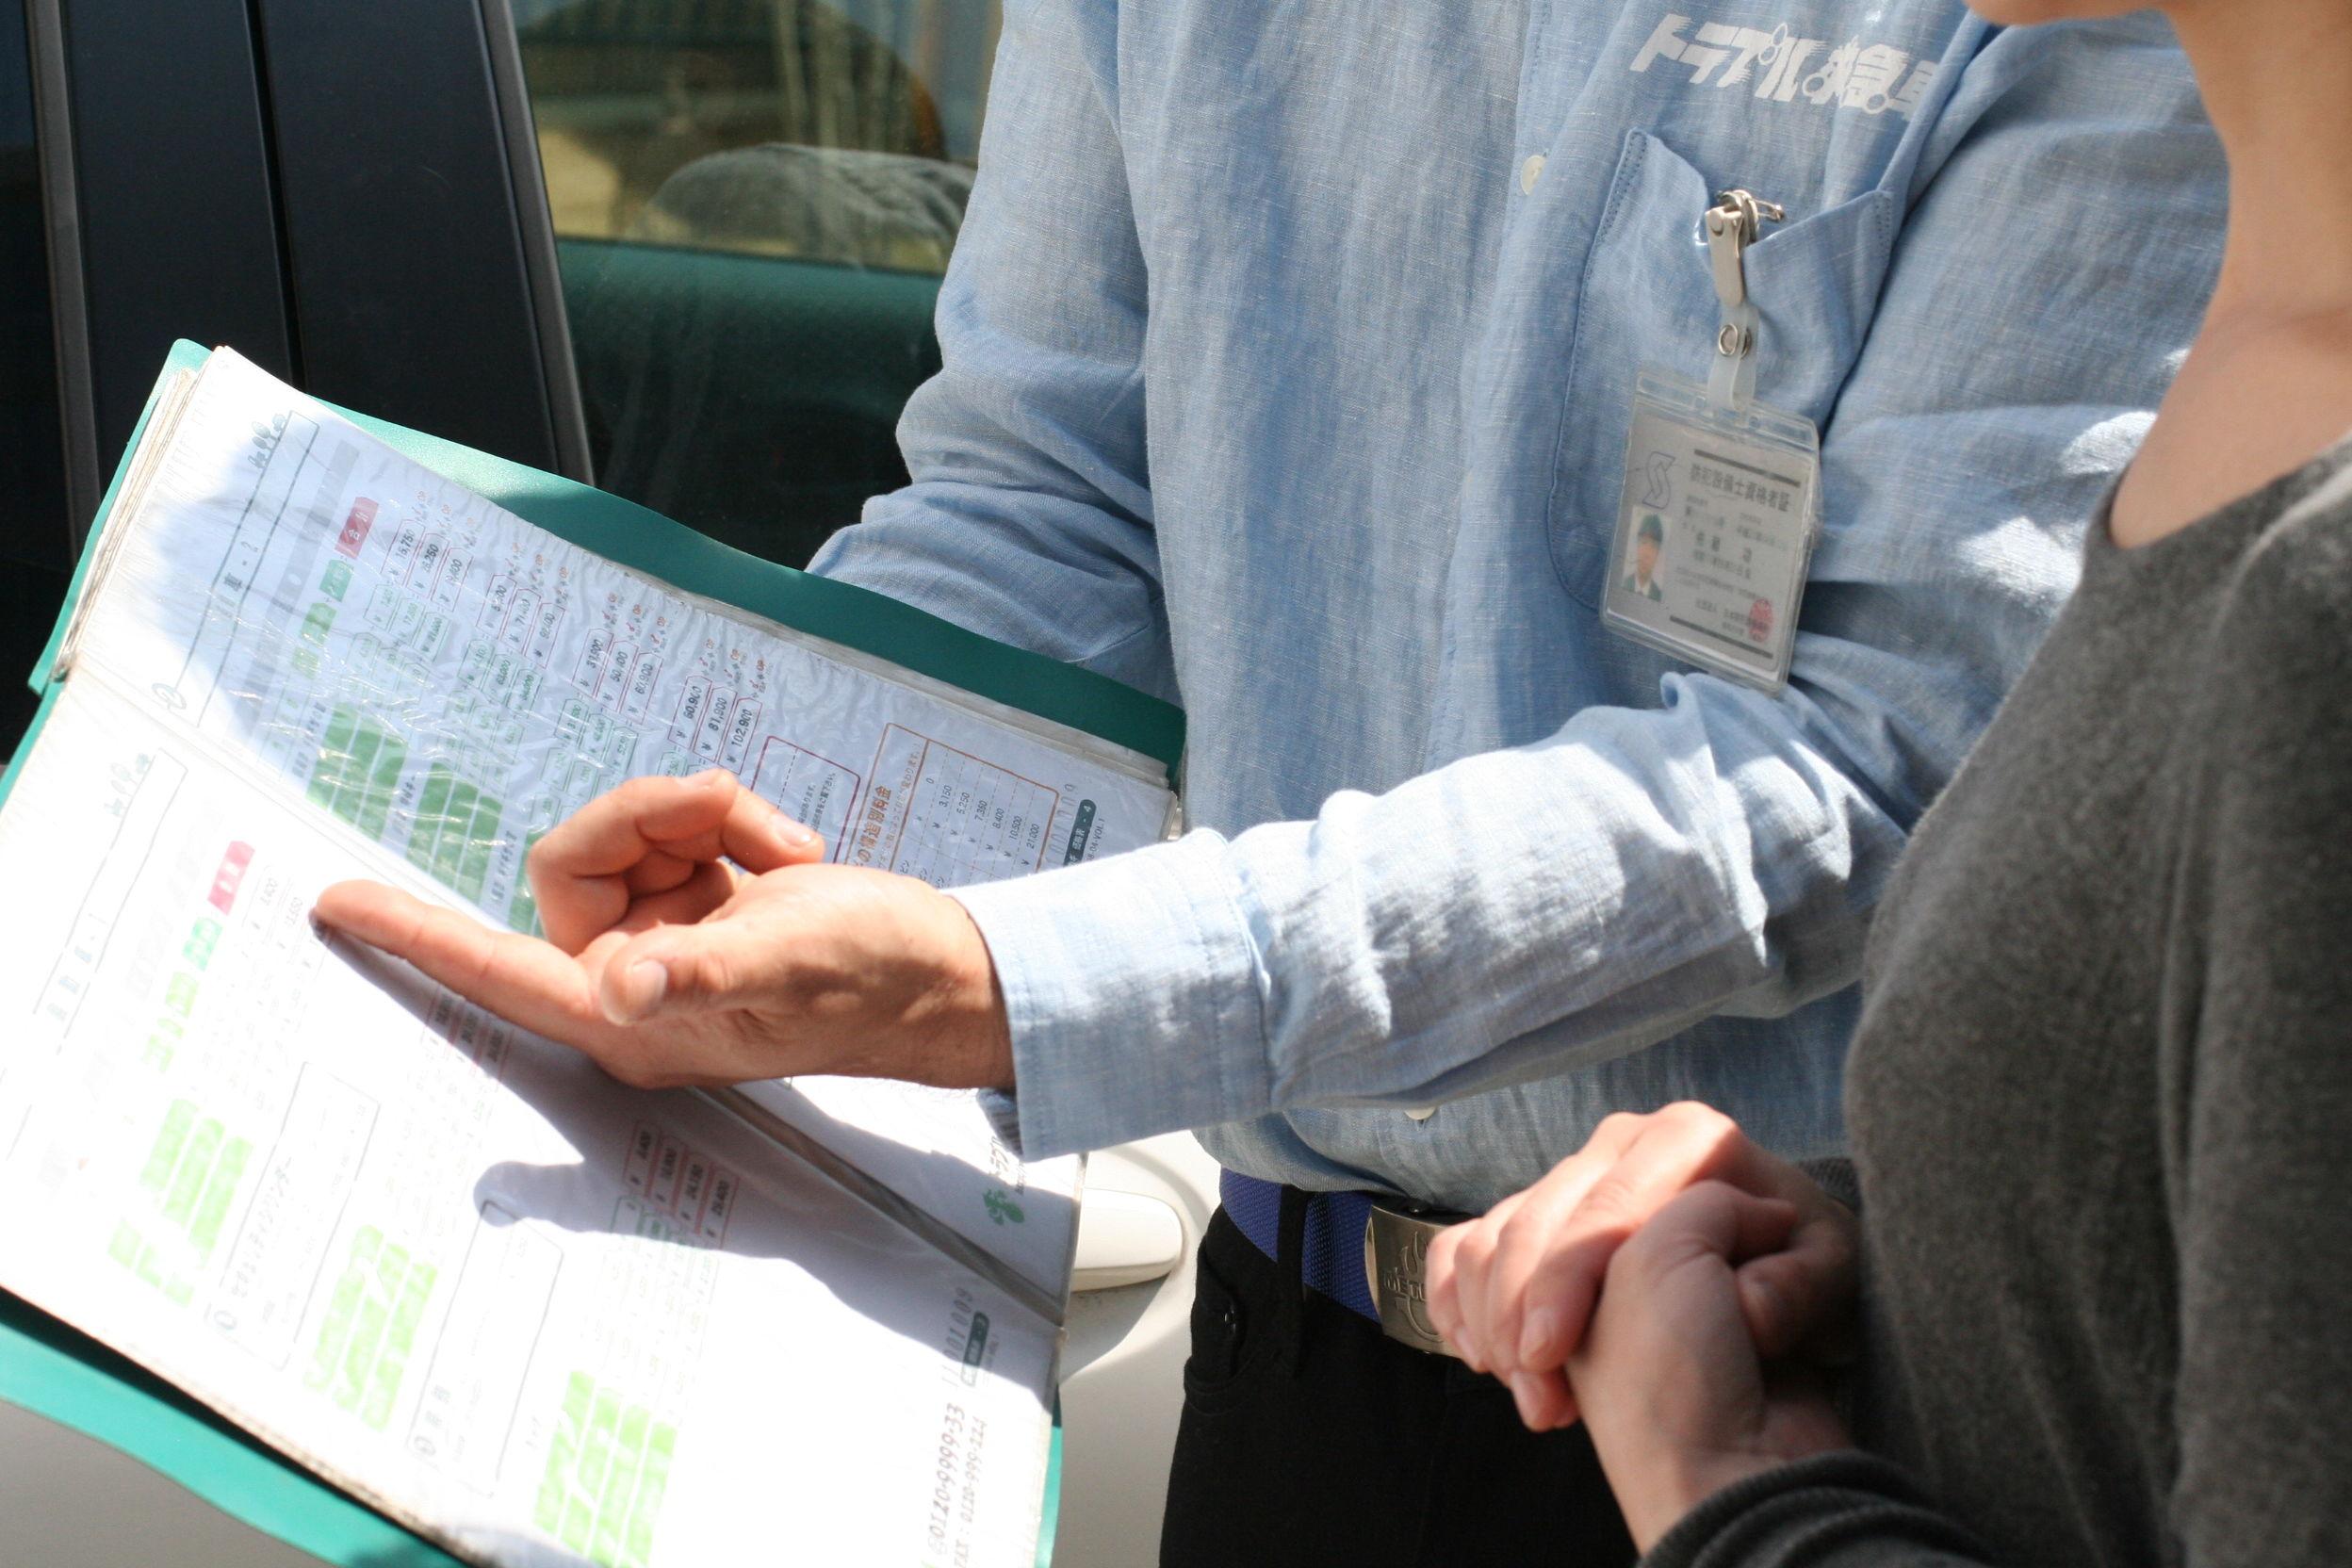 カギのトラブル救急車【京都市下京区 出張エリア】のメイン画像